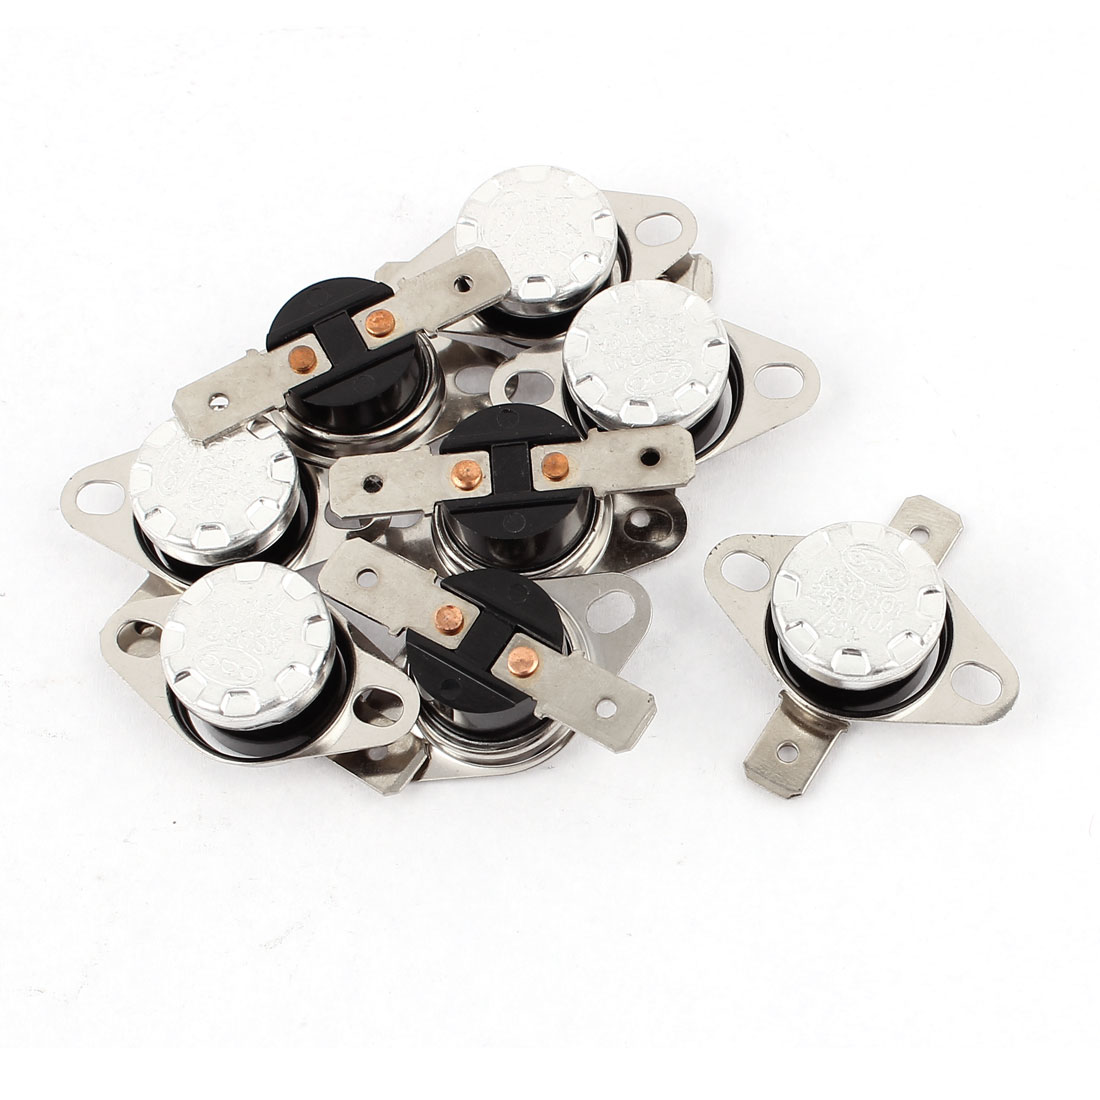 8Pcs KSD301 75C NC Temperature Control Switch Thermostat Protector AC 250V 10A